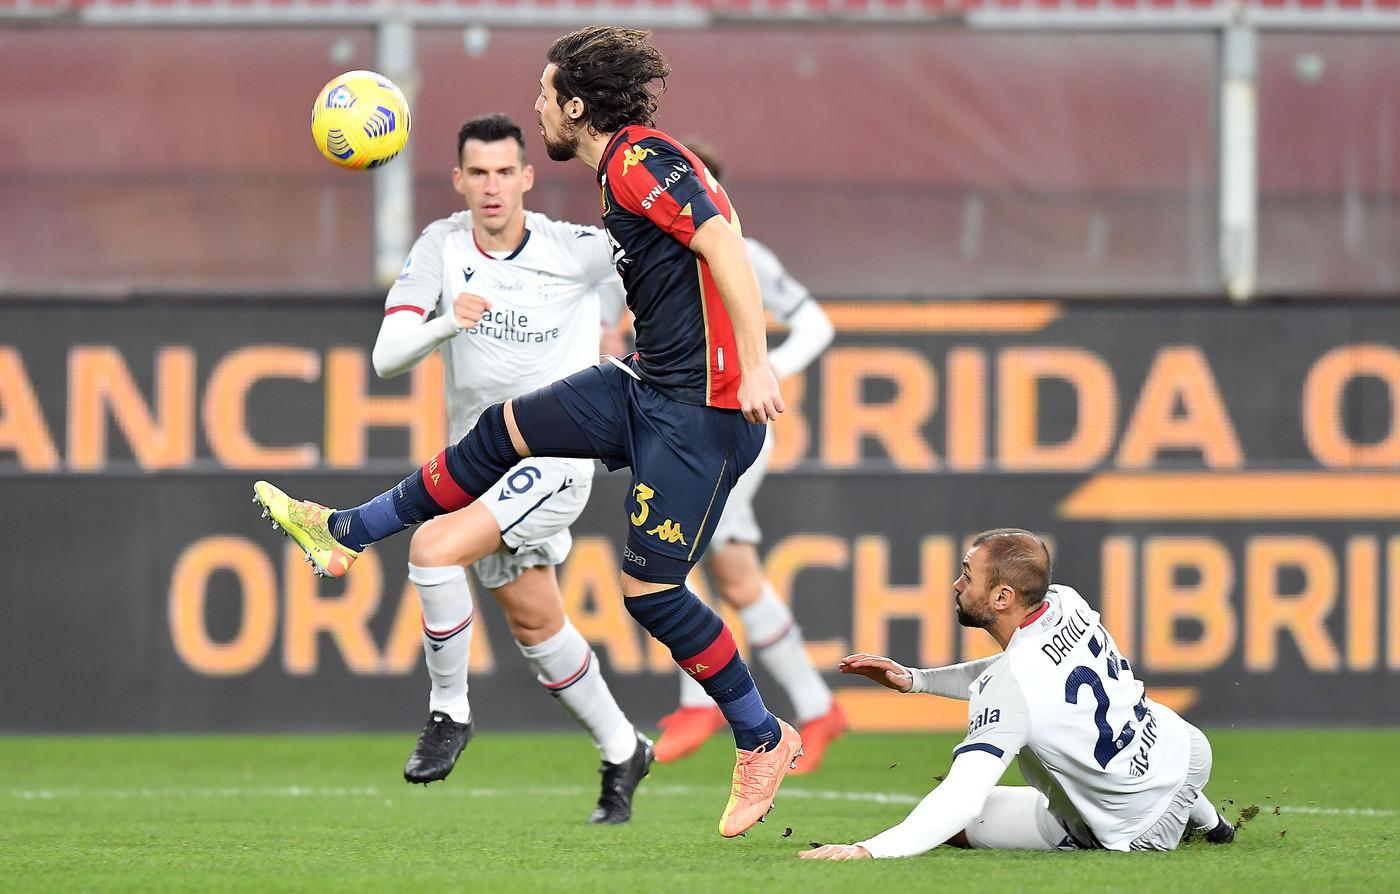 La squadra di Ballardini si impone per 2-0, a segno Zajc e Destro<br /><br />